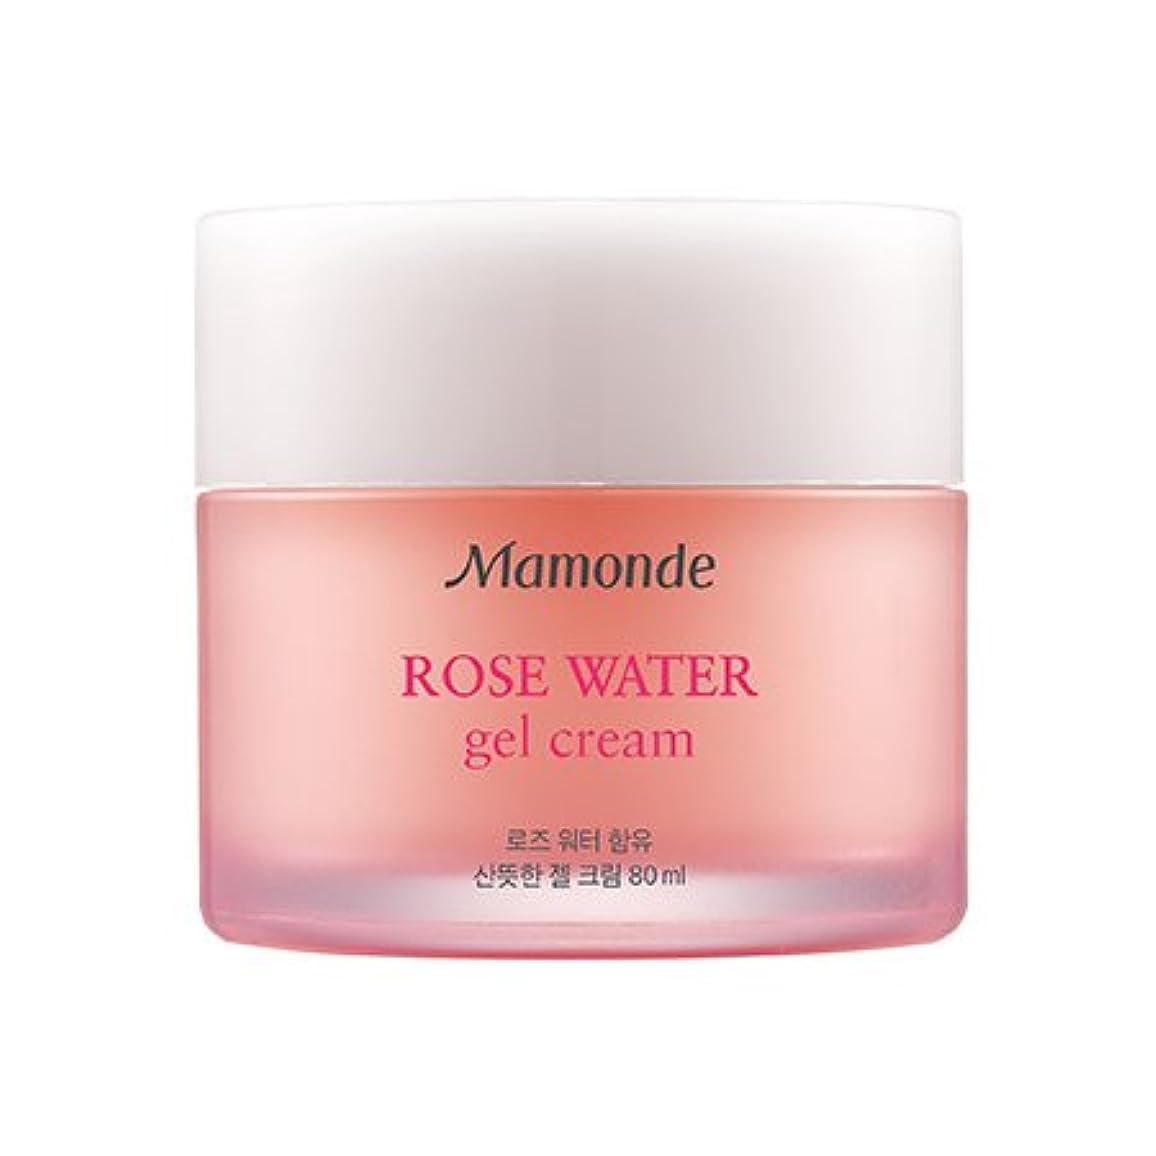 灌漑インサート自分のためにMamonde Rose Water Gel Cream 80ml/マモンド ローズ ウォーター ジェル クリーム 80ml [並行輸入品]